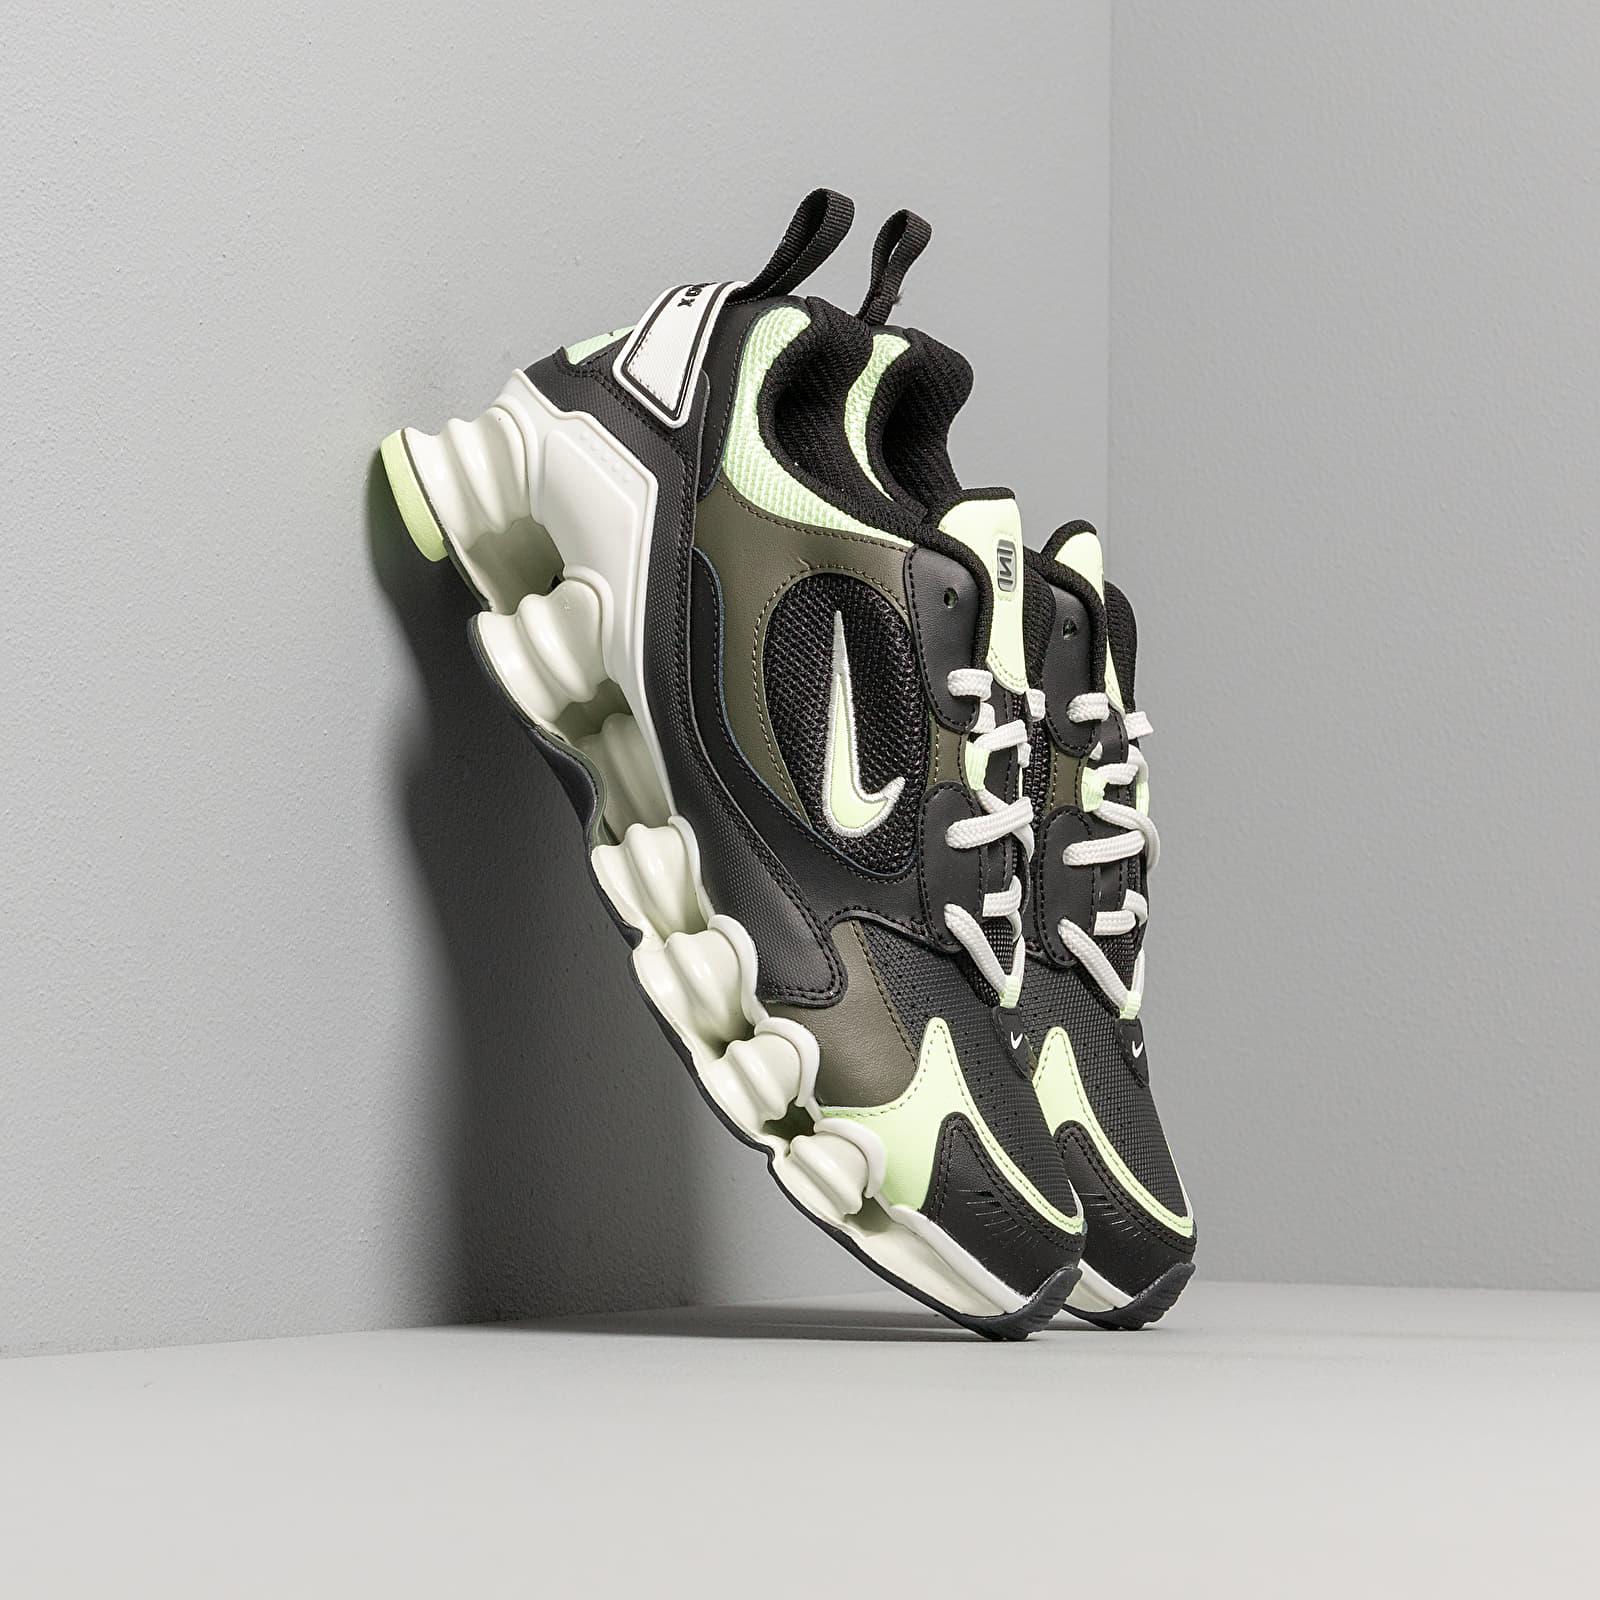 Dámské tenisky a boty Nike W Shox TL Nova Black/ Barely Volt-Cargo Khaki